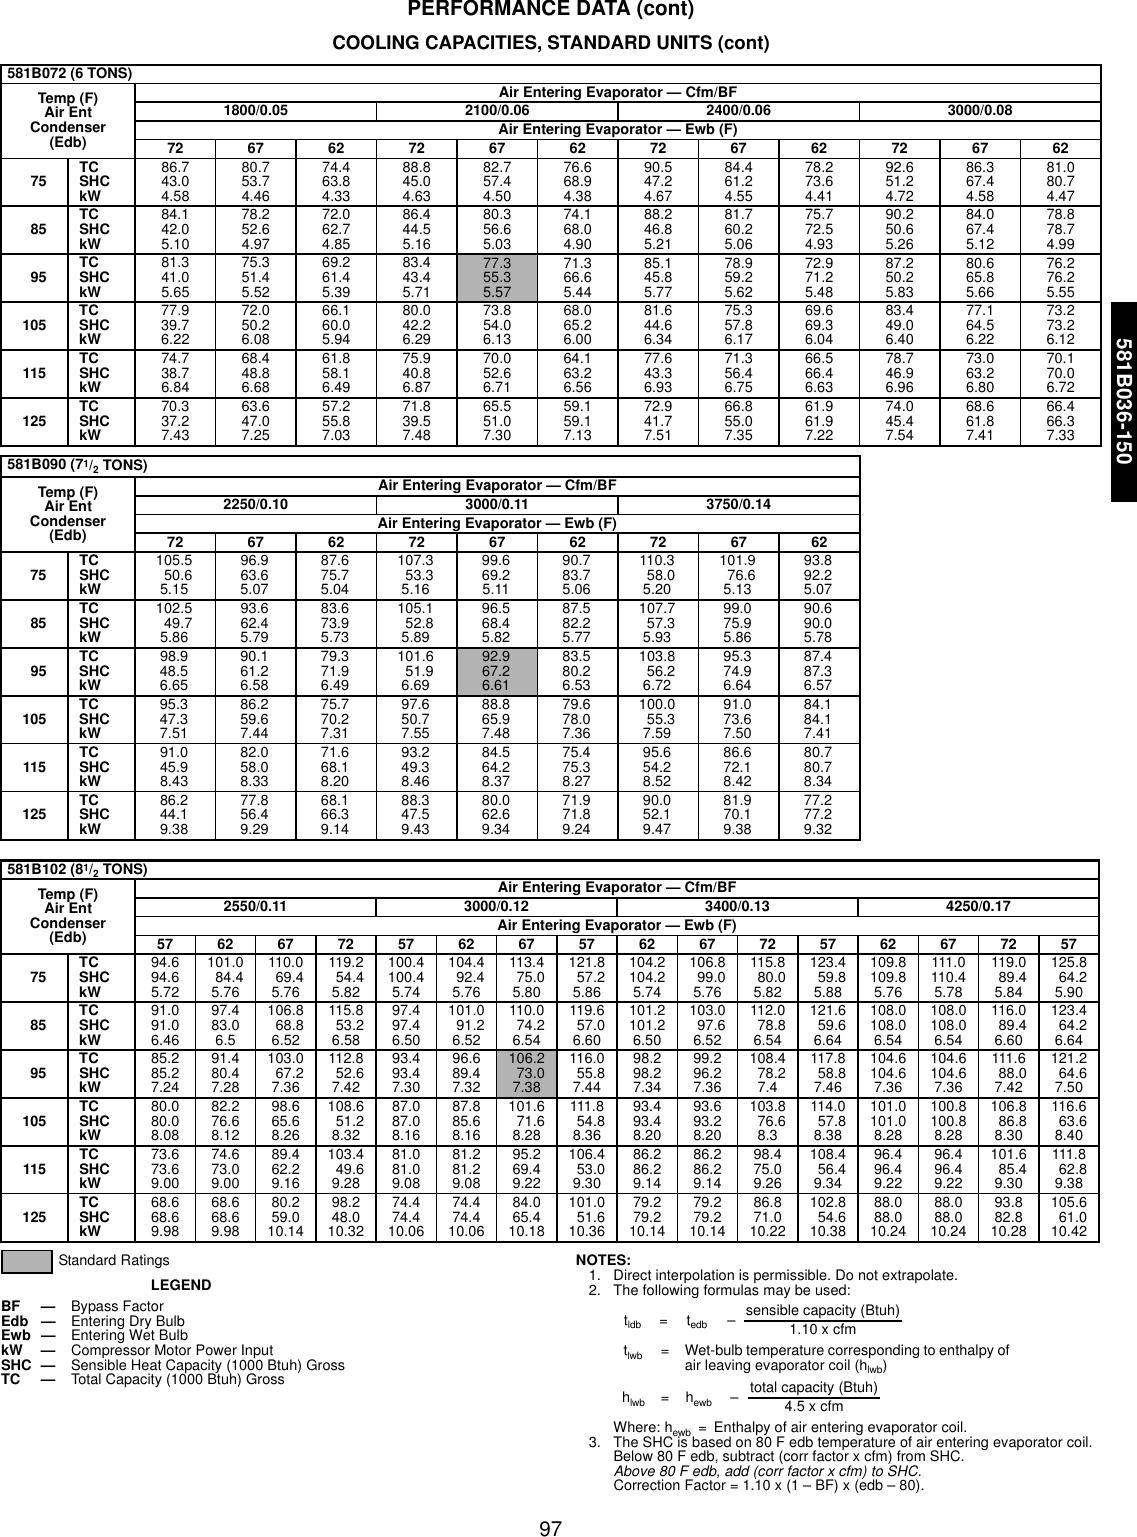 Bryant 581C Users Manual 580F 36 4